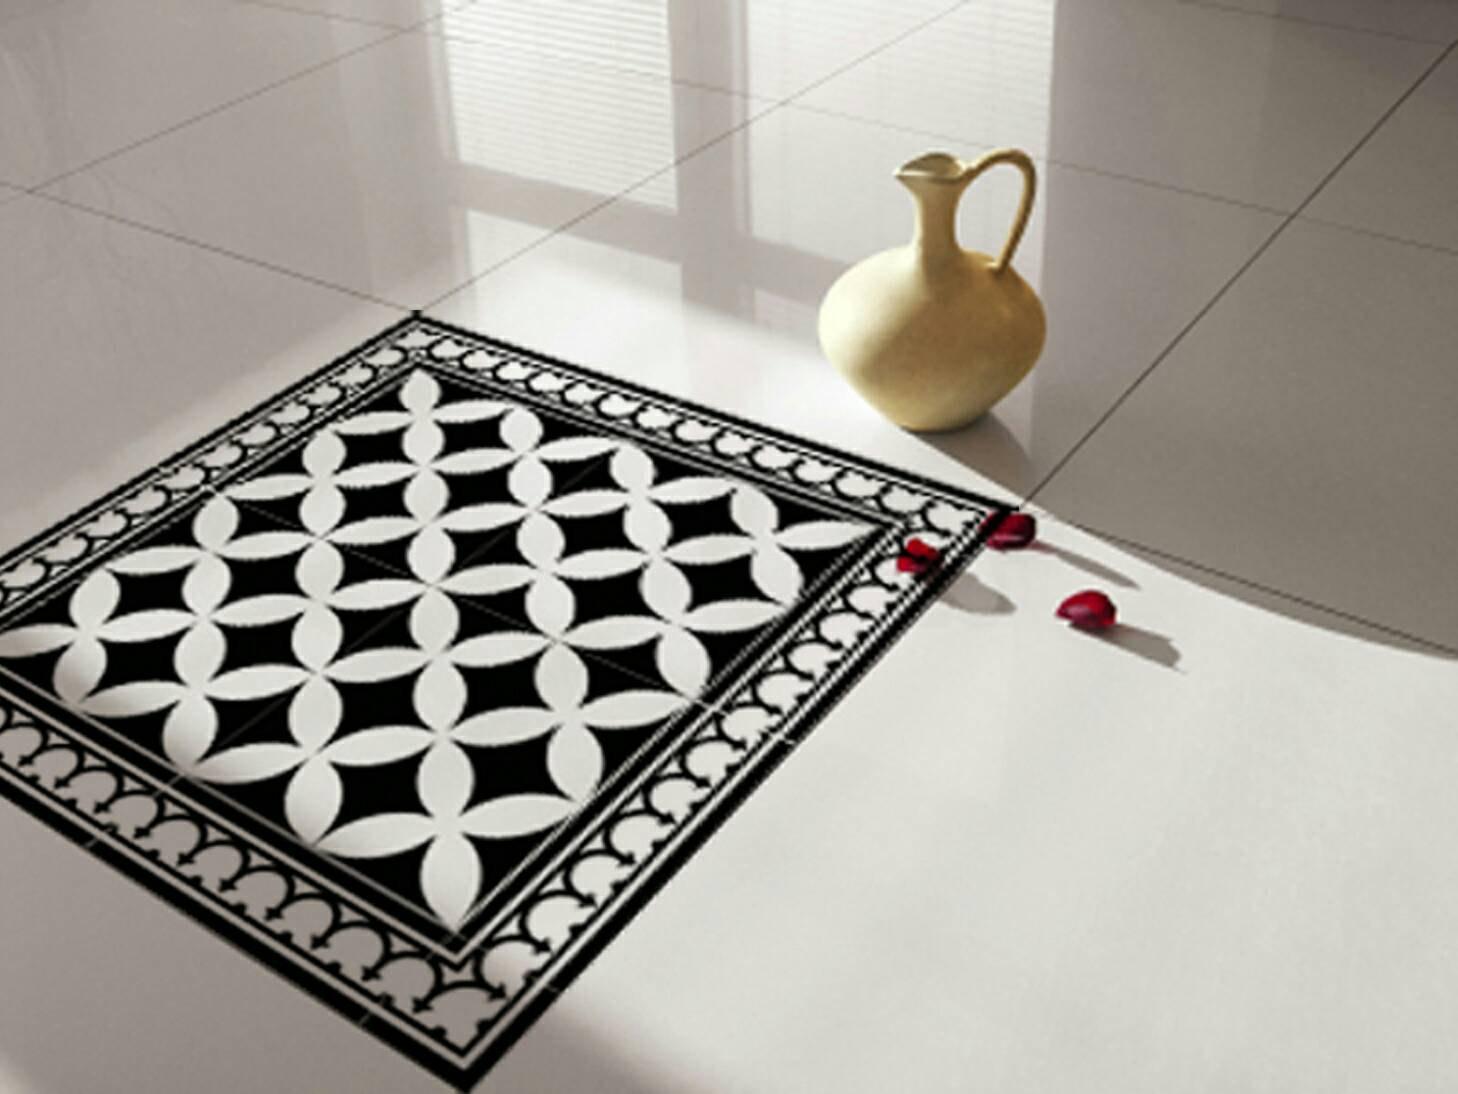 traditional-tiles-floor-tiles-floor-vinyl-tile-stickers-tile-decals ...